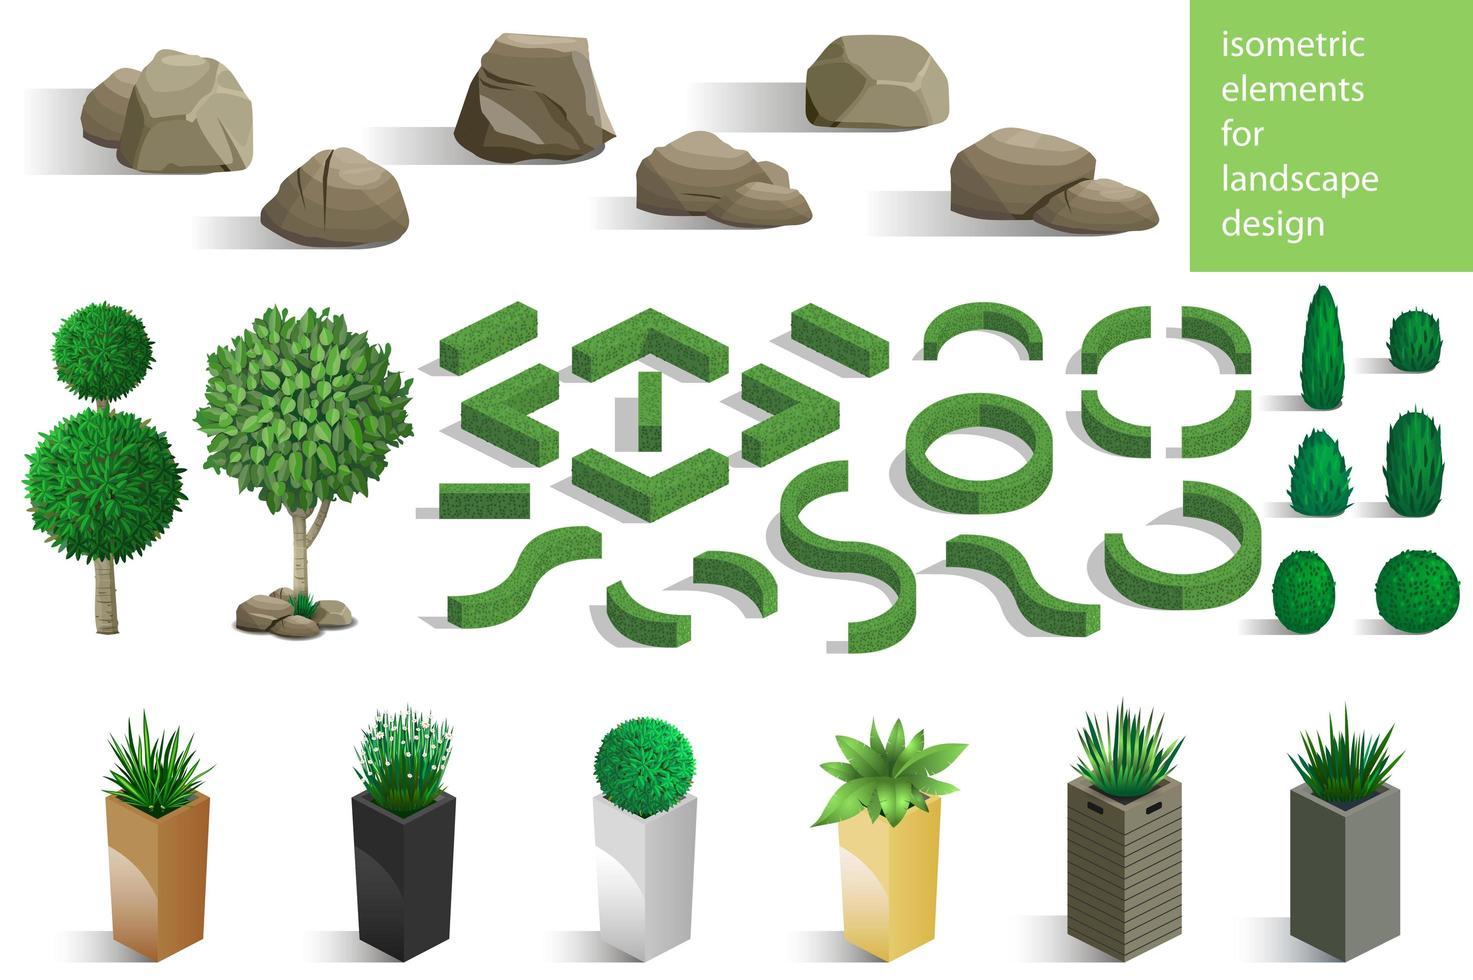 uppsättning av landskapselement och växter vektor